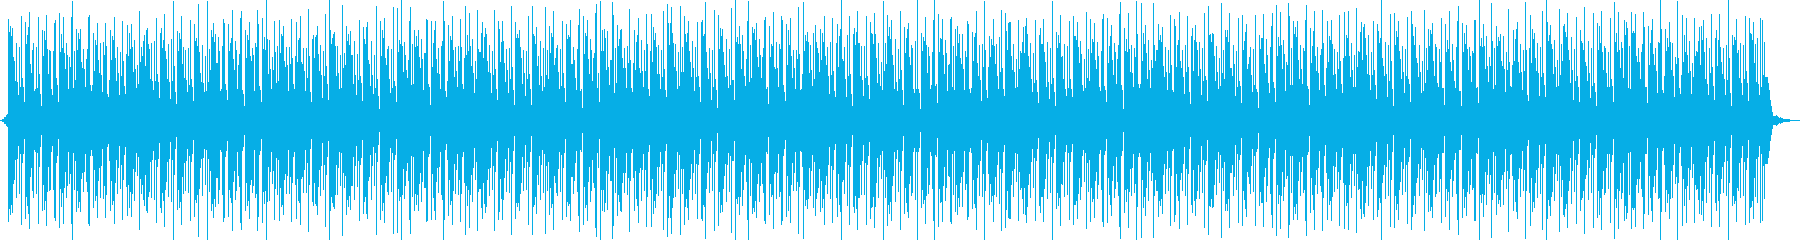 和風ポップス・爽やかで軽快な三味線の再生済みの波形